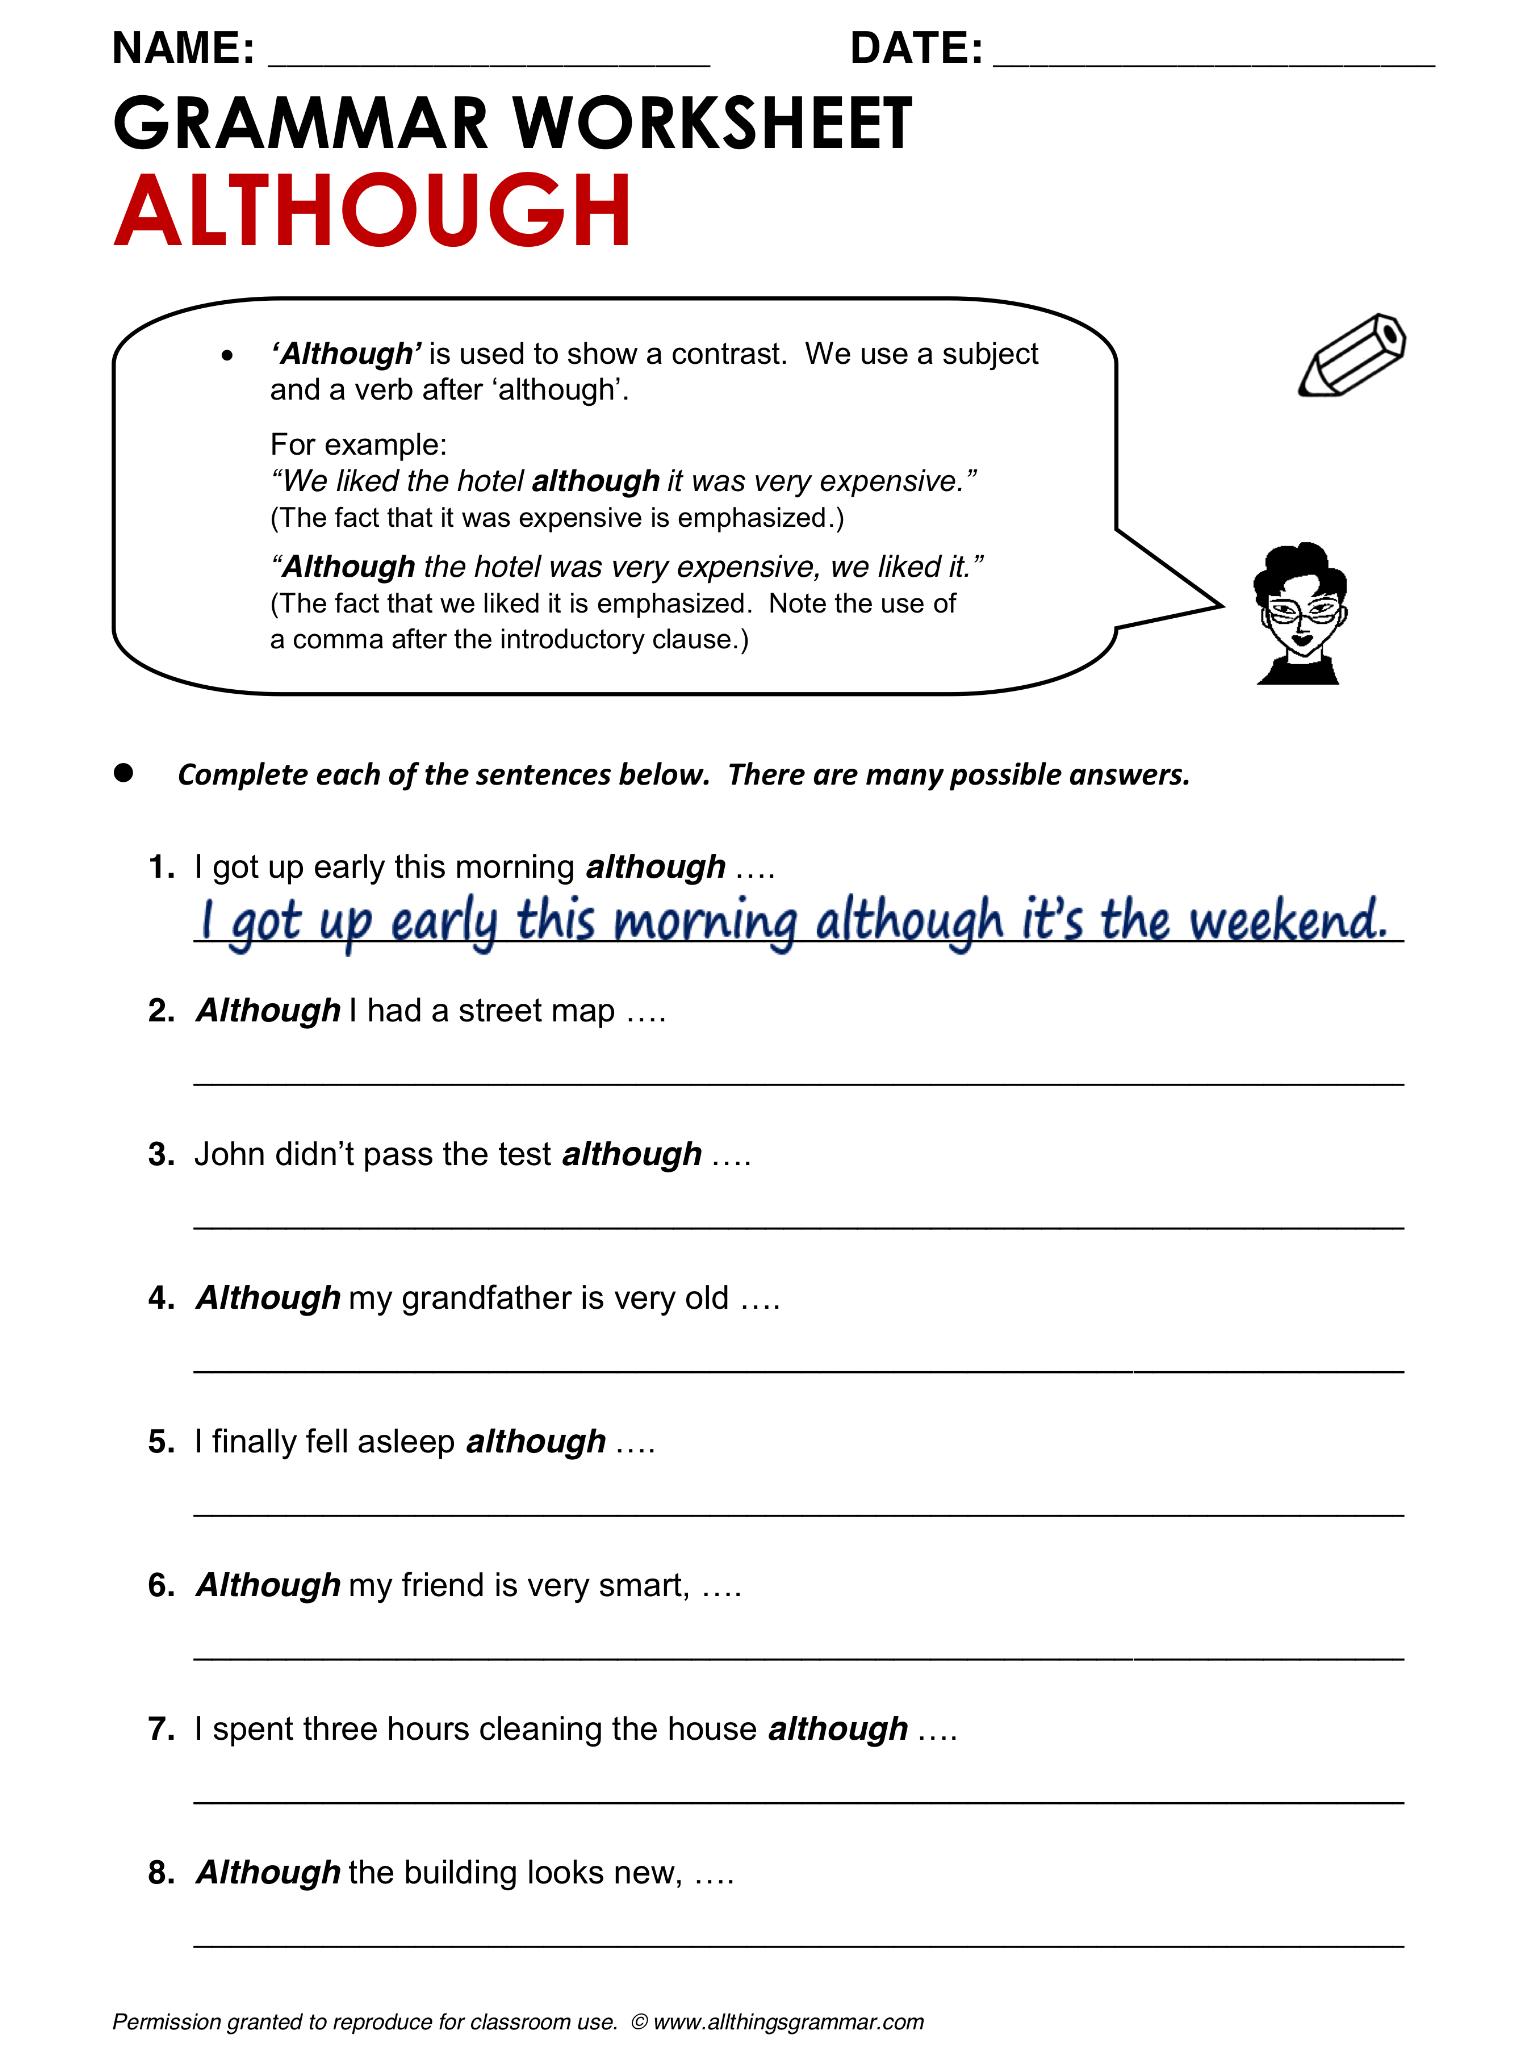 6 FREE ESL grammar correction worksheets